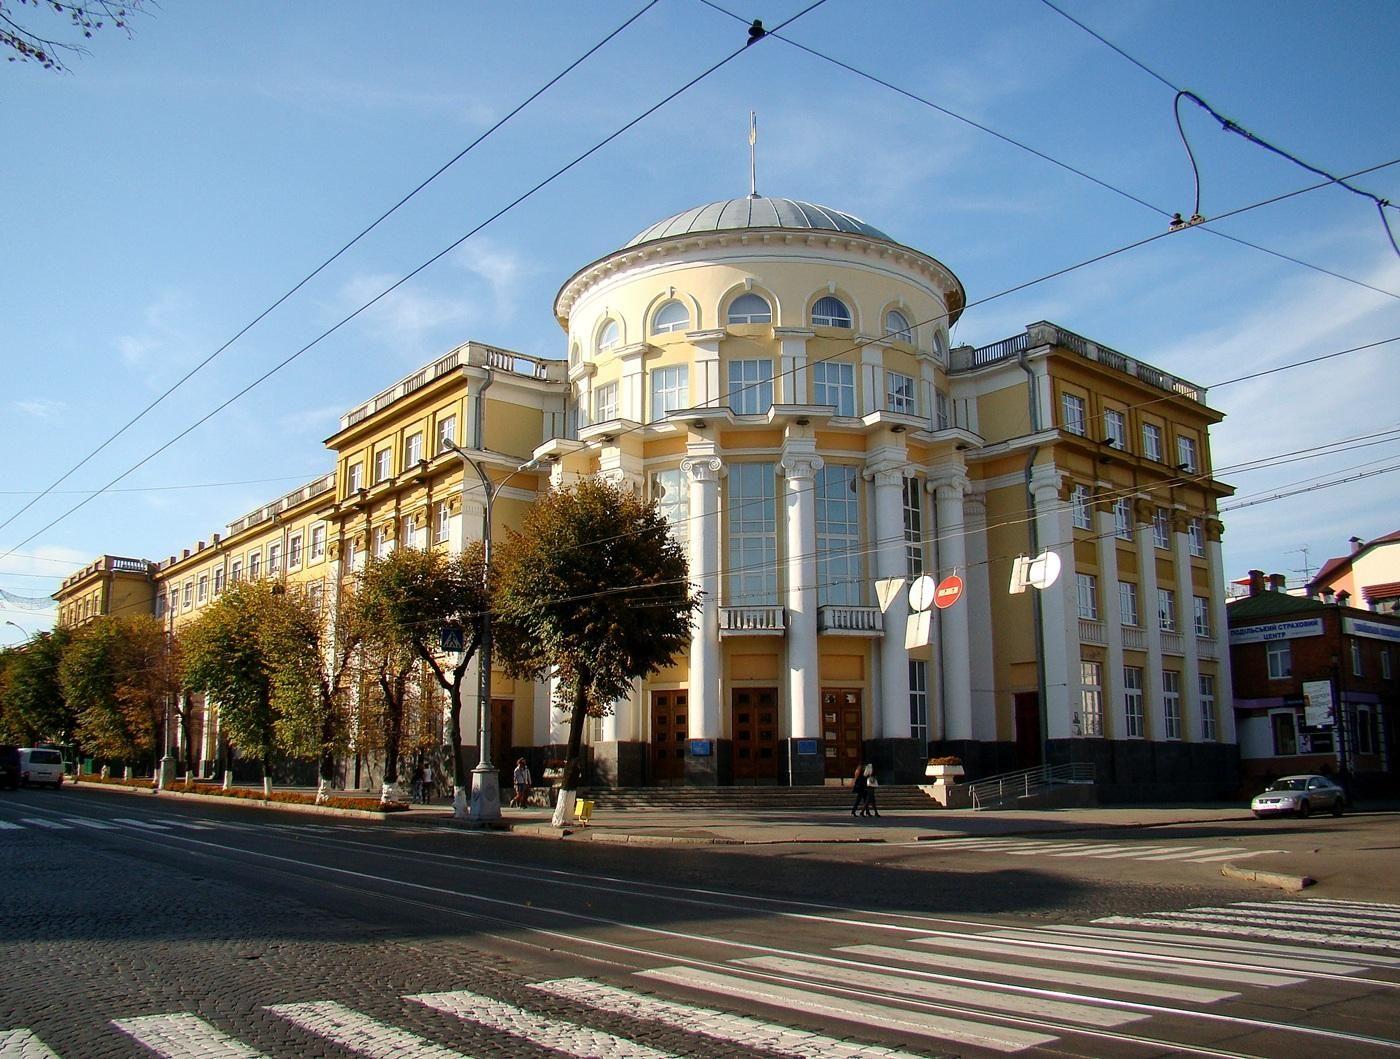 شهر وینیتسا اوکراین